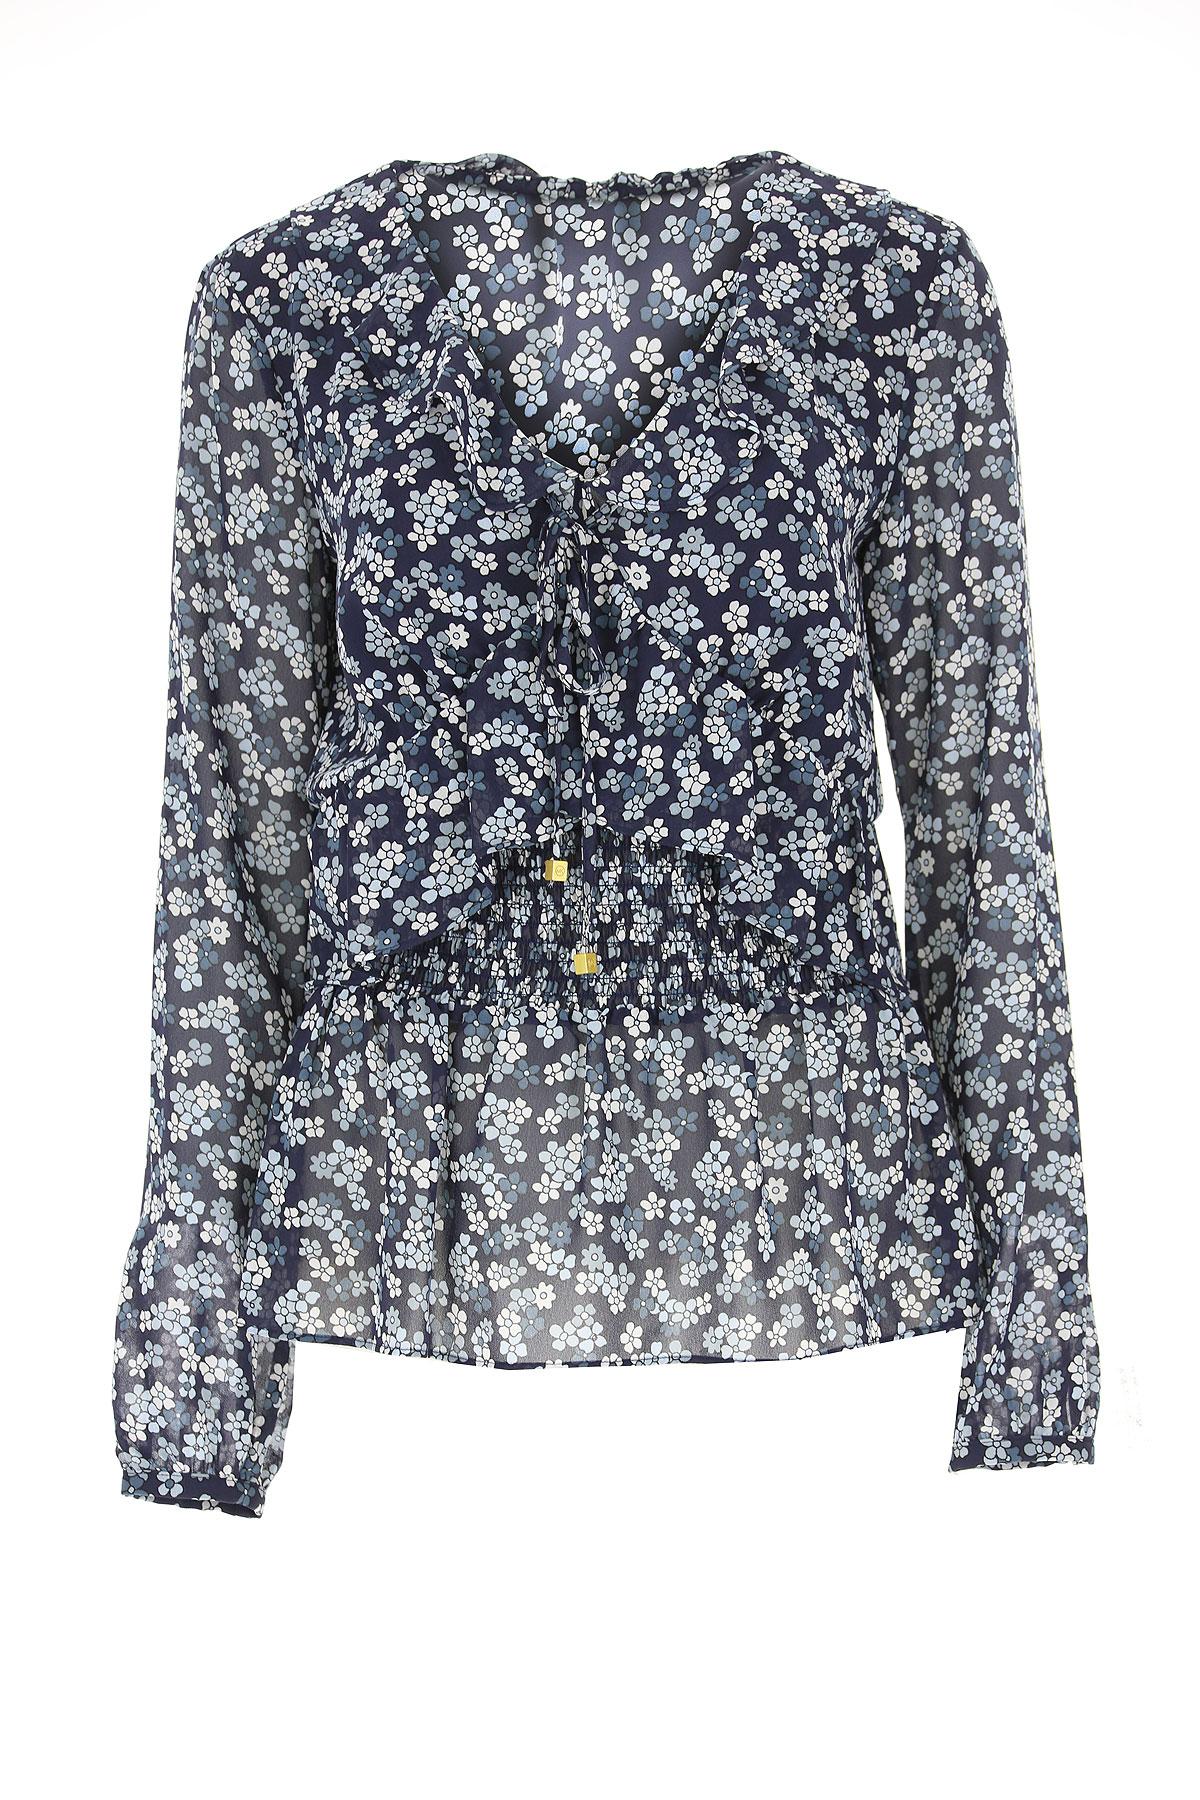 Michael Kors Shirt for Women, Blue, polyester, 2019, 10 12 8